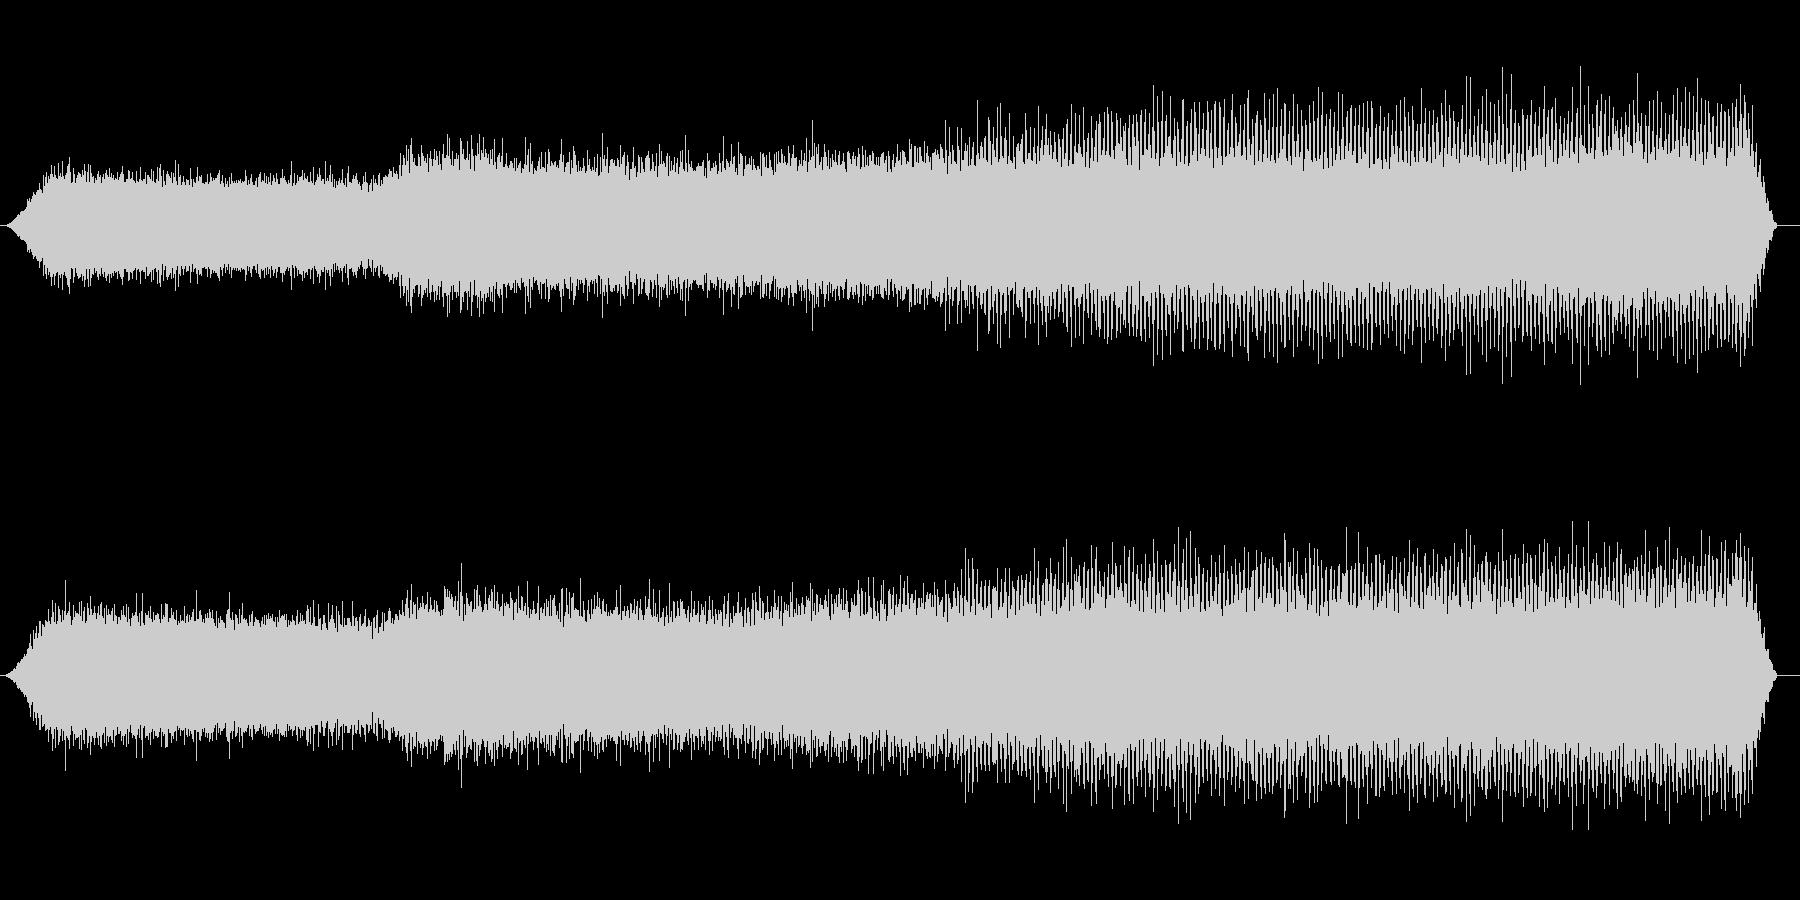 夏の山の環境音(夕方、セミ)の未再生の波形